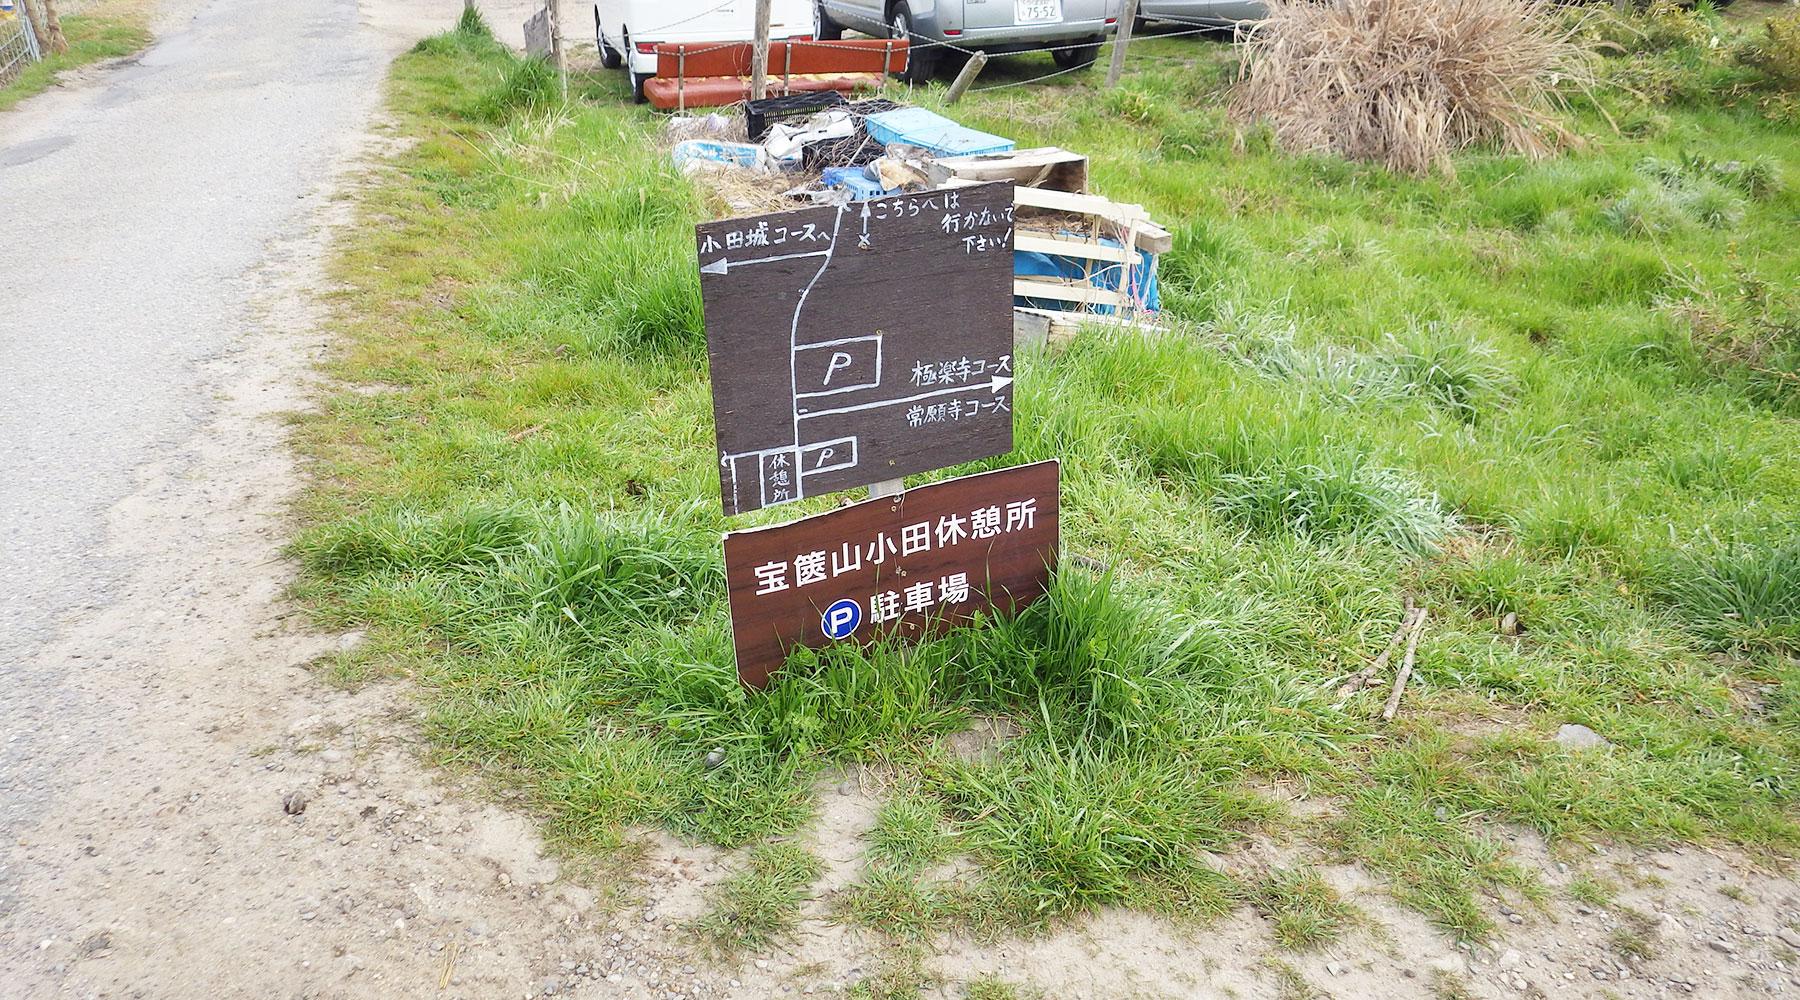 小田休憩所そばの駐車場